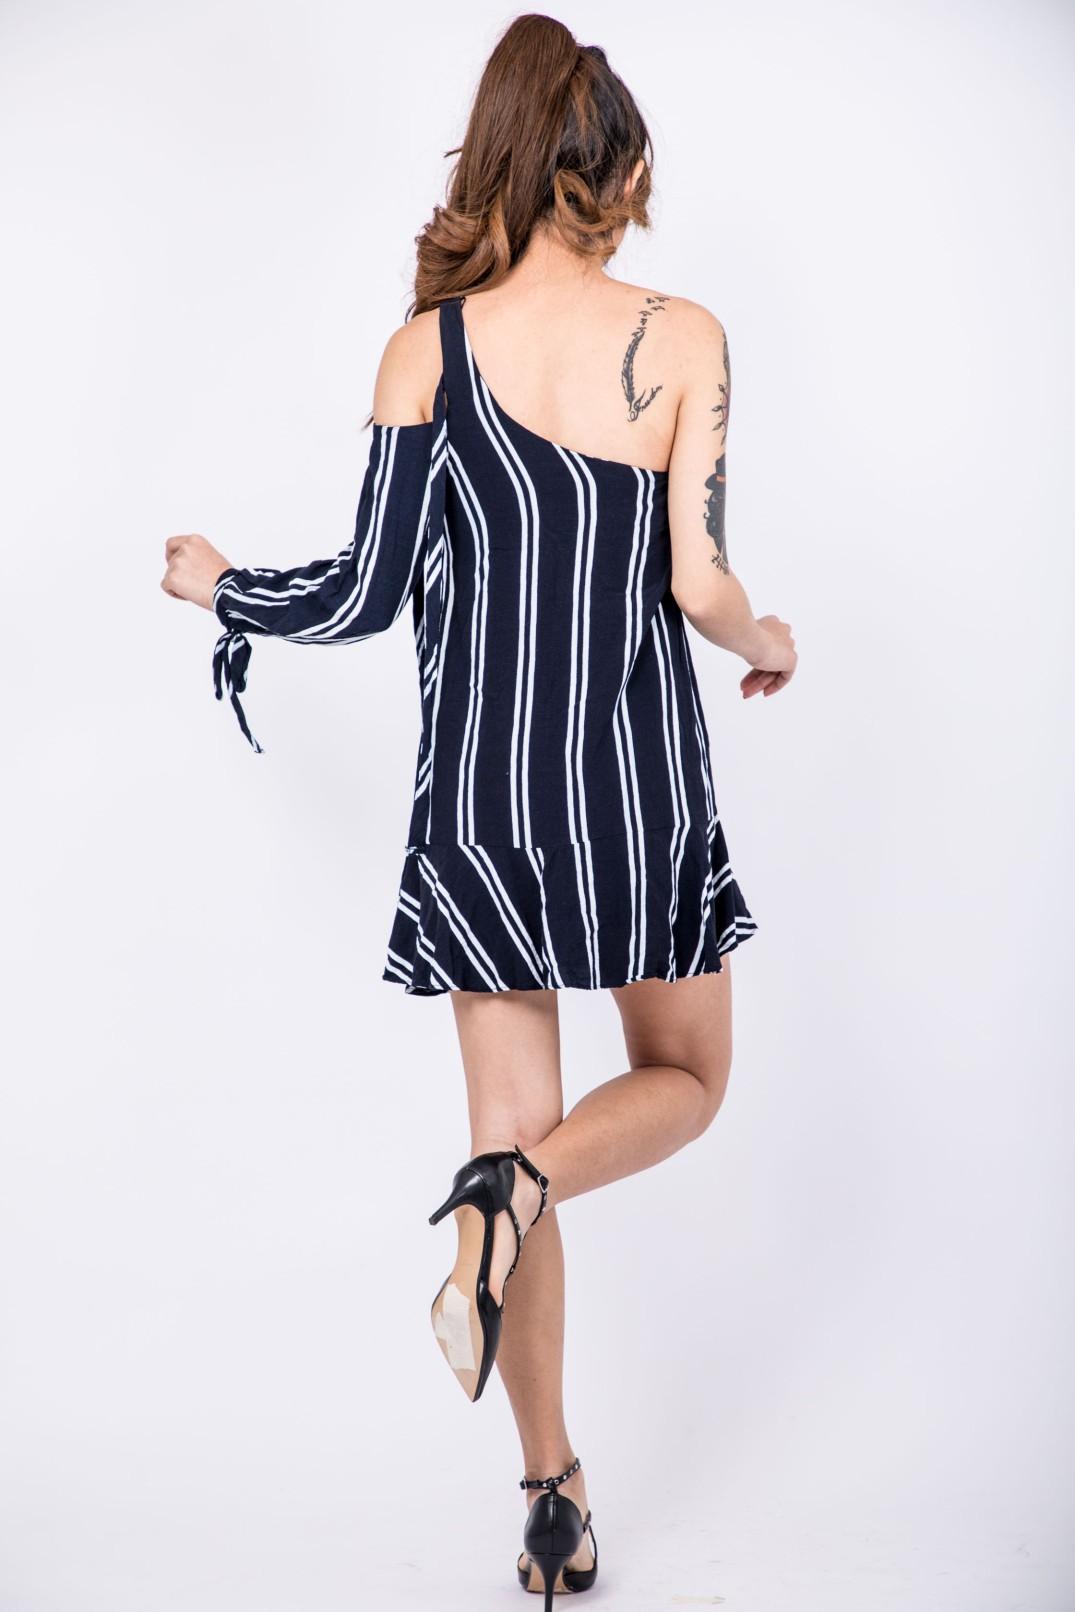 時裝服裝攝影 fashion Photography paulstylist_Zifonia-85